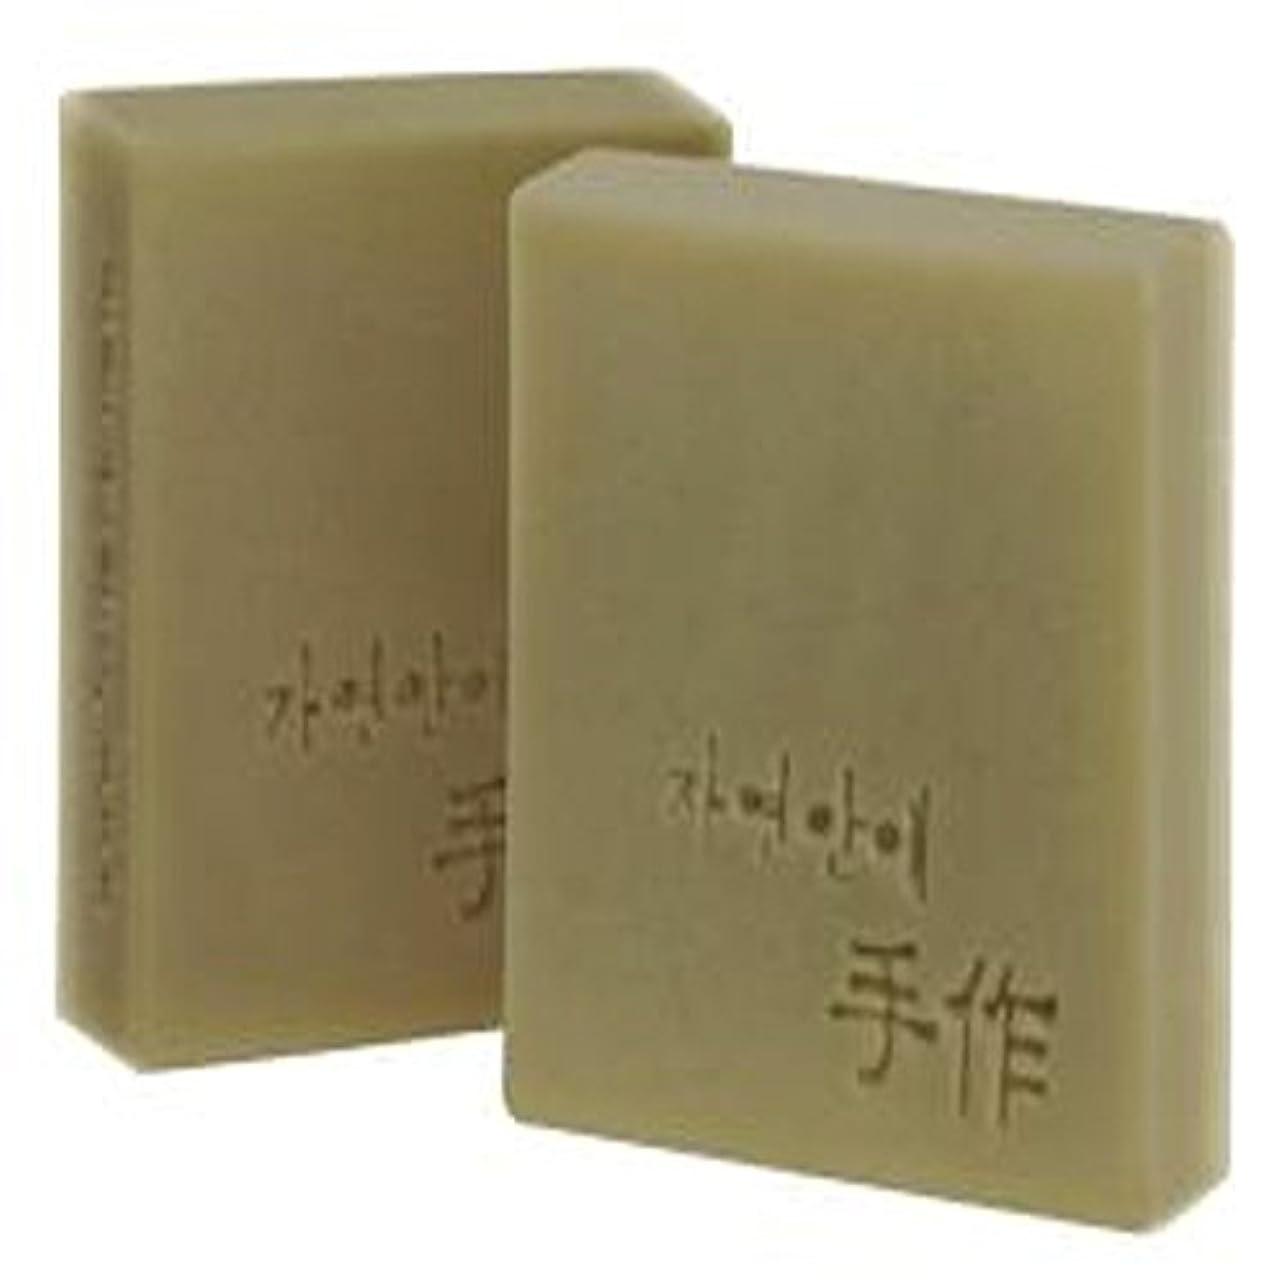 池合金生むNatural organic 有機天然ソープ 固形 無添加 洗顔せっけんクレンジング 石鹸 [並行輸入品] (バナナ)